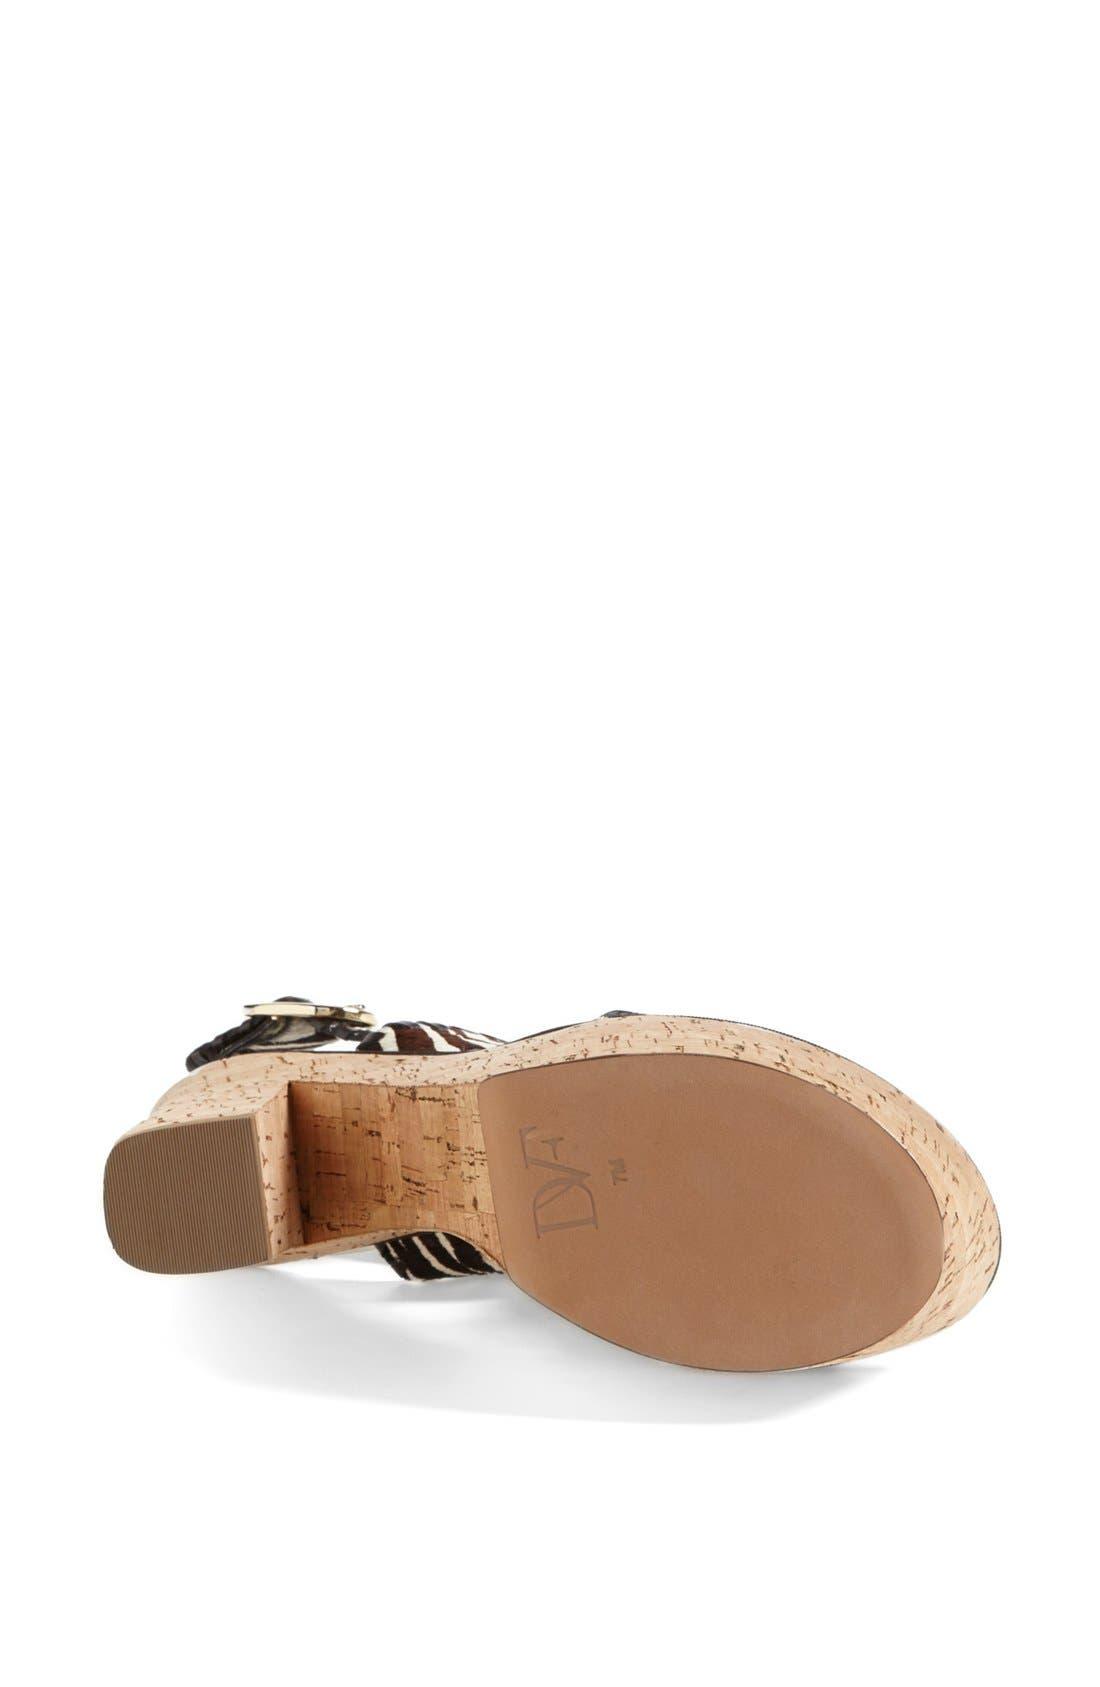 Alternate Image 3  - Diane von Furstenberg 'Remy' Sandal